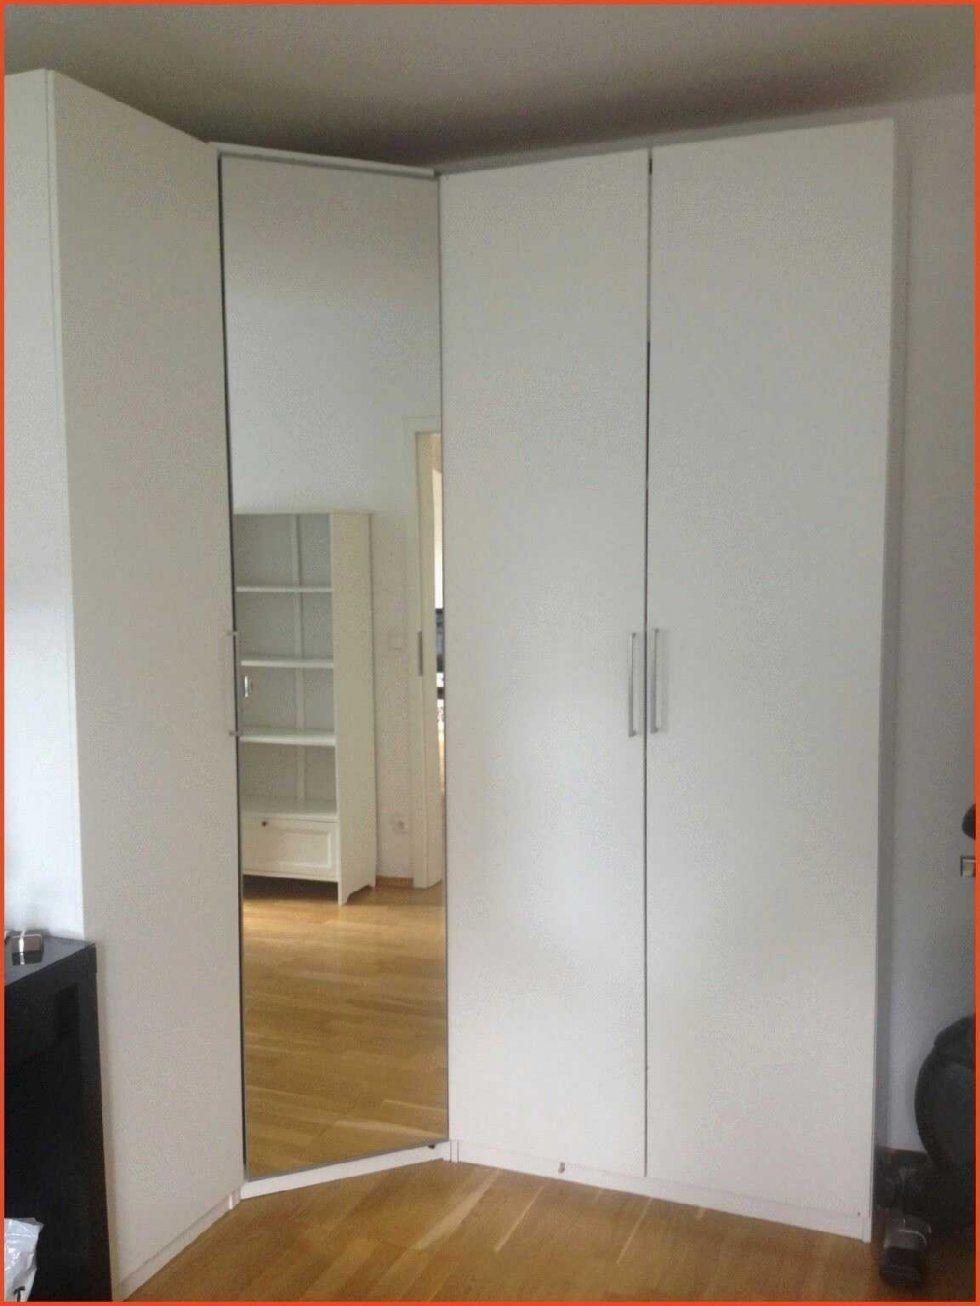 Ikea Kleiderschrank Pax Weiß